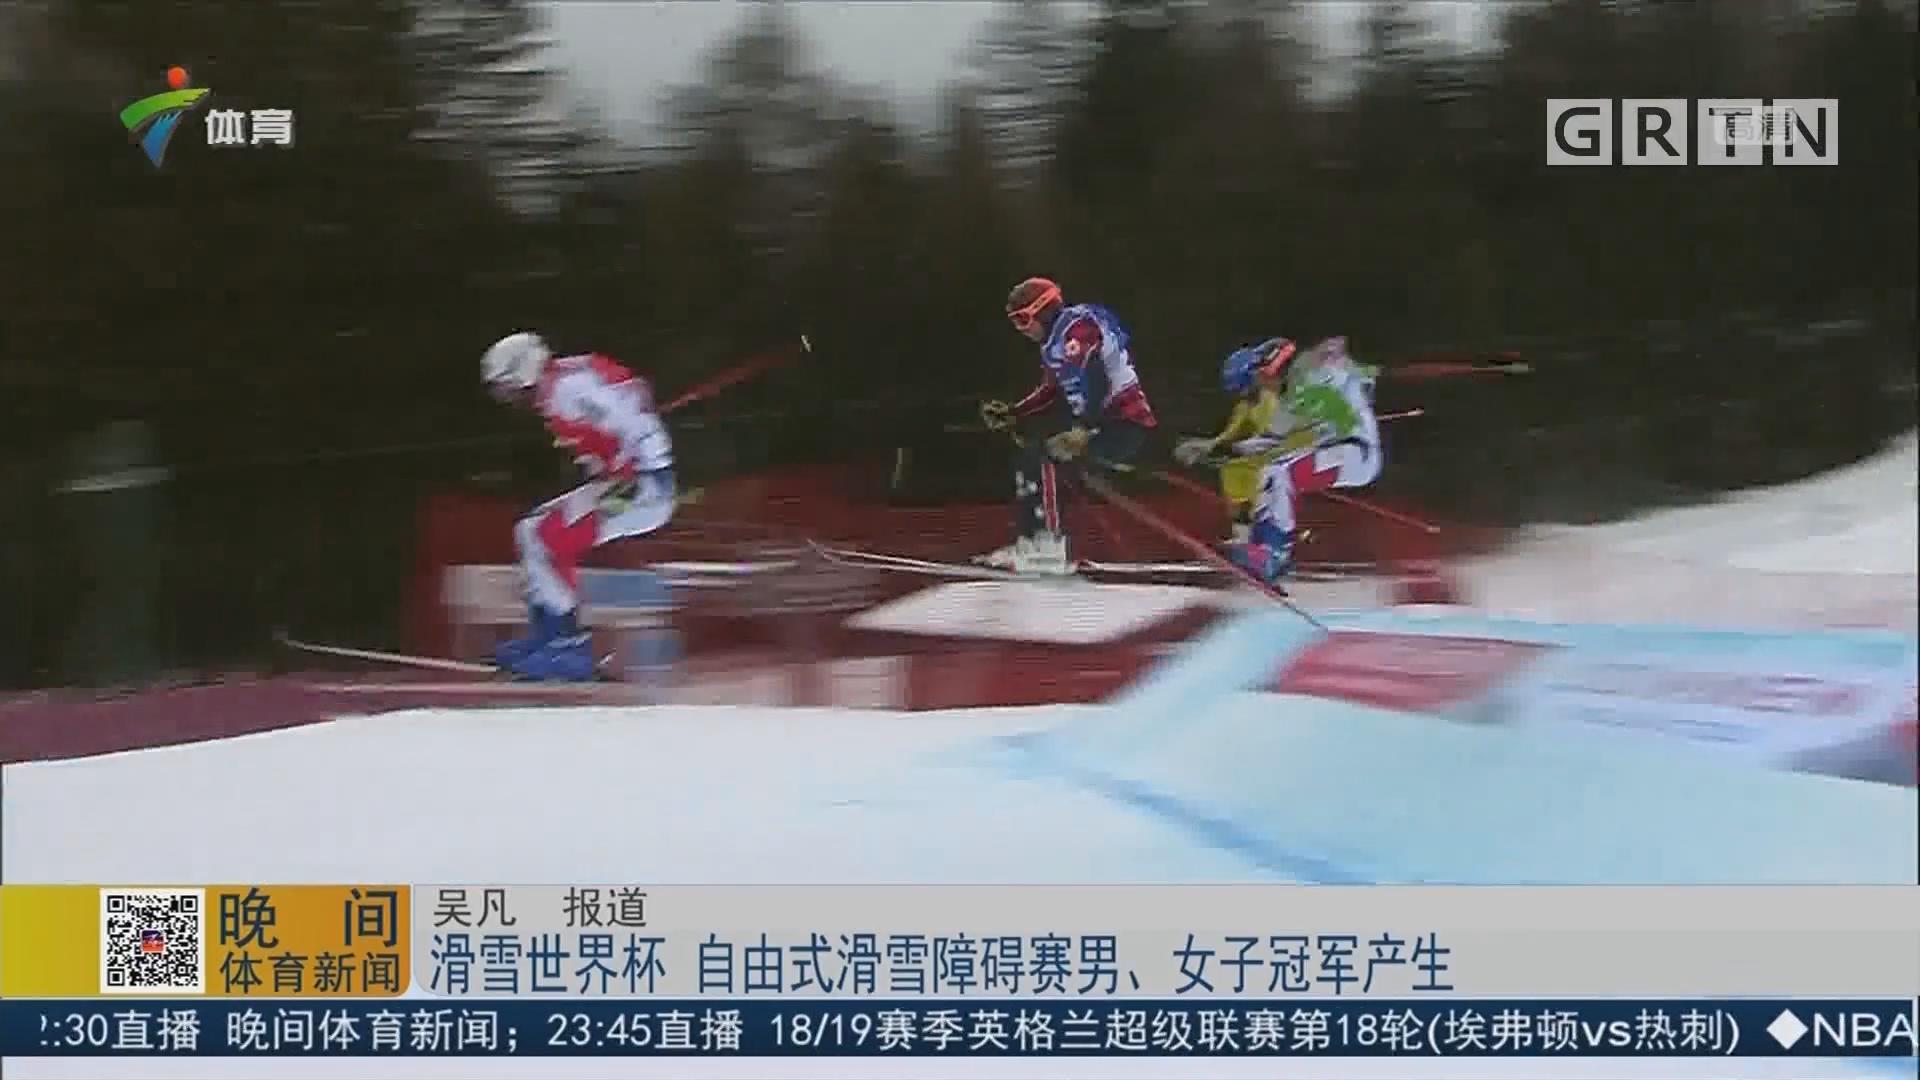 滑雪世界杯 自由式滑雪障碍赛男、女子冠军产生